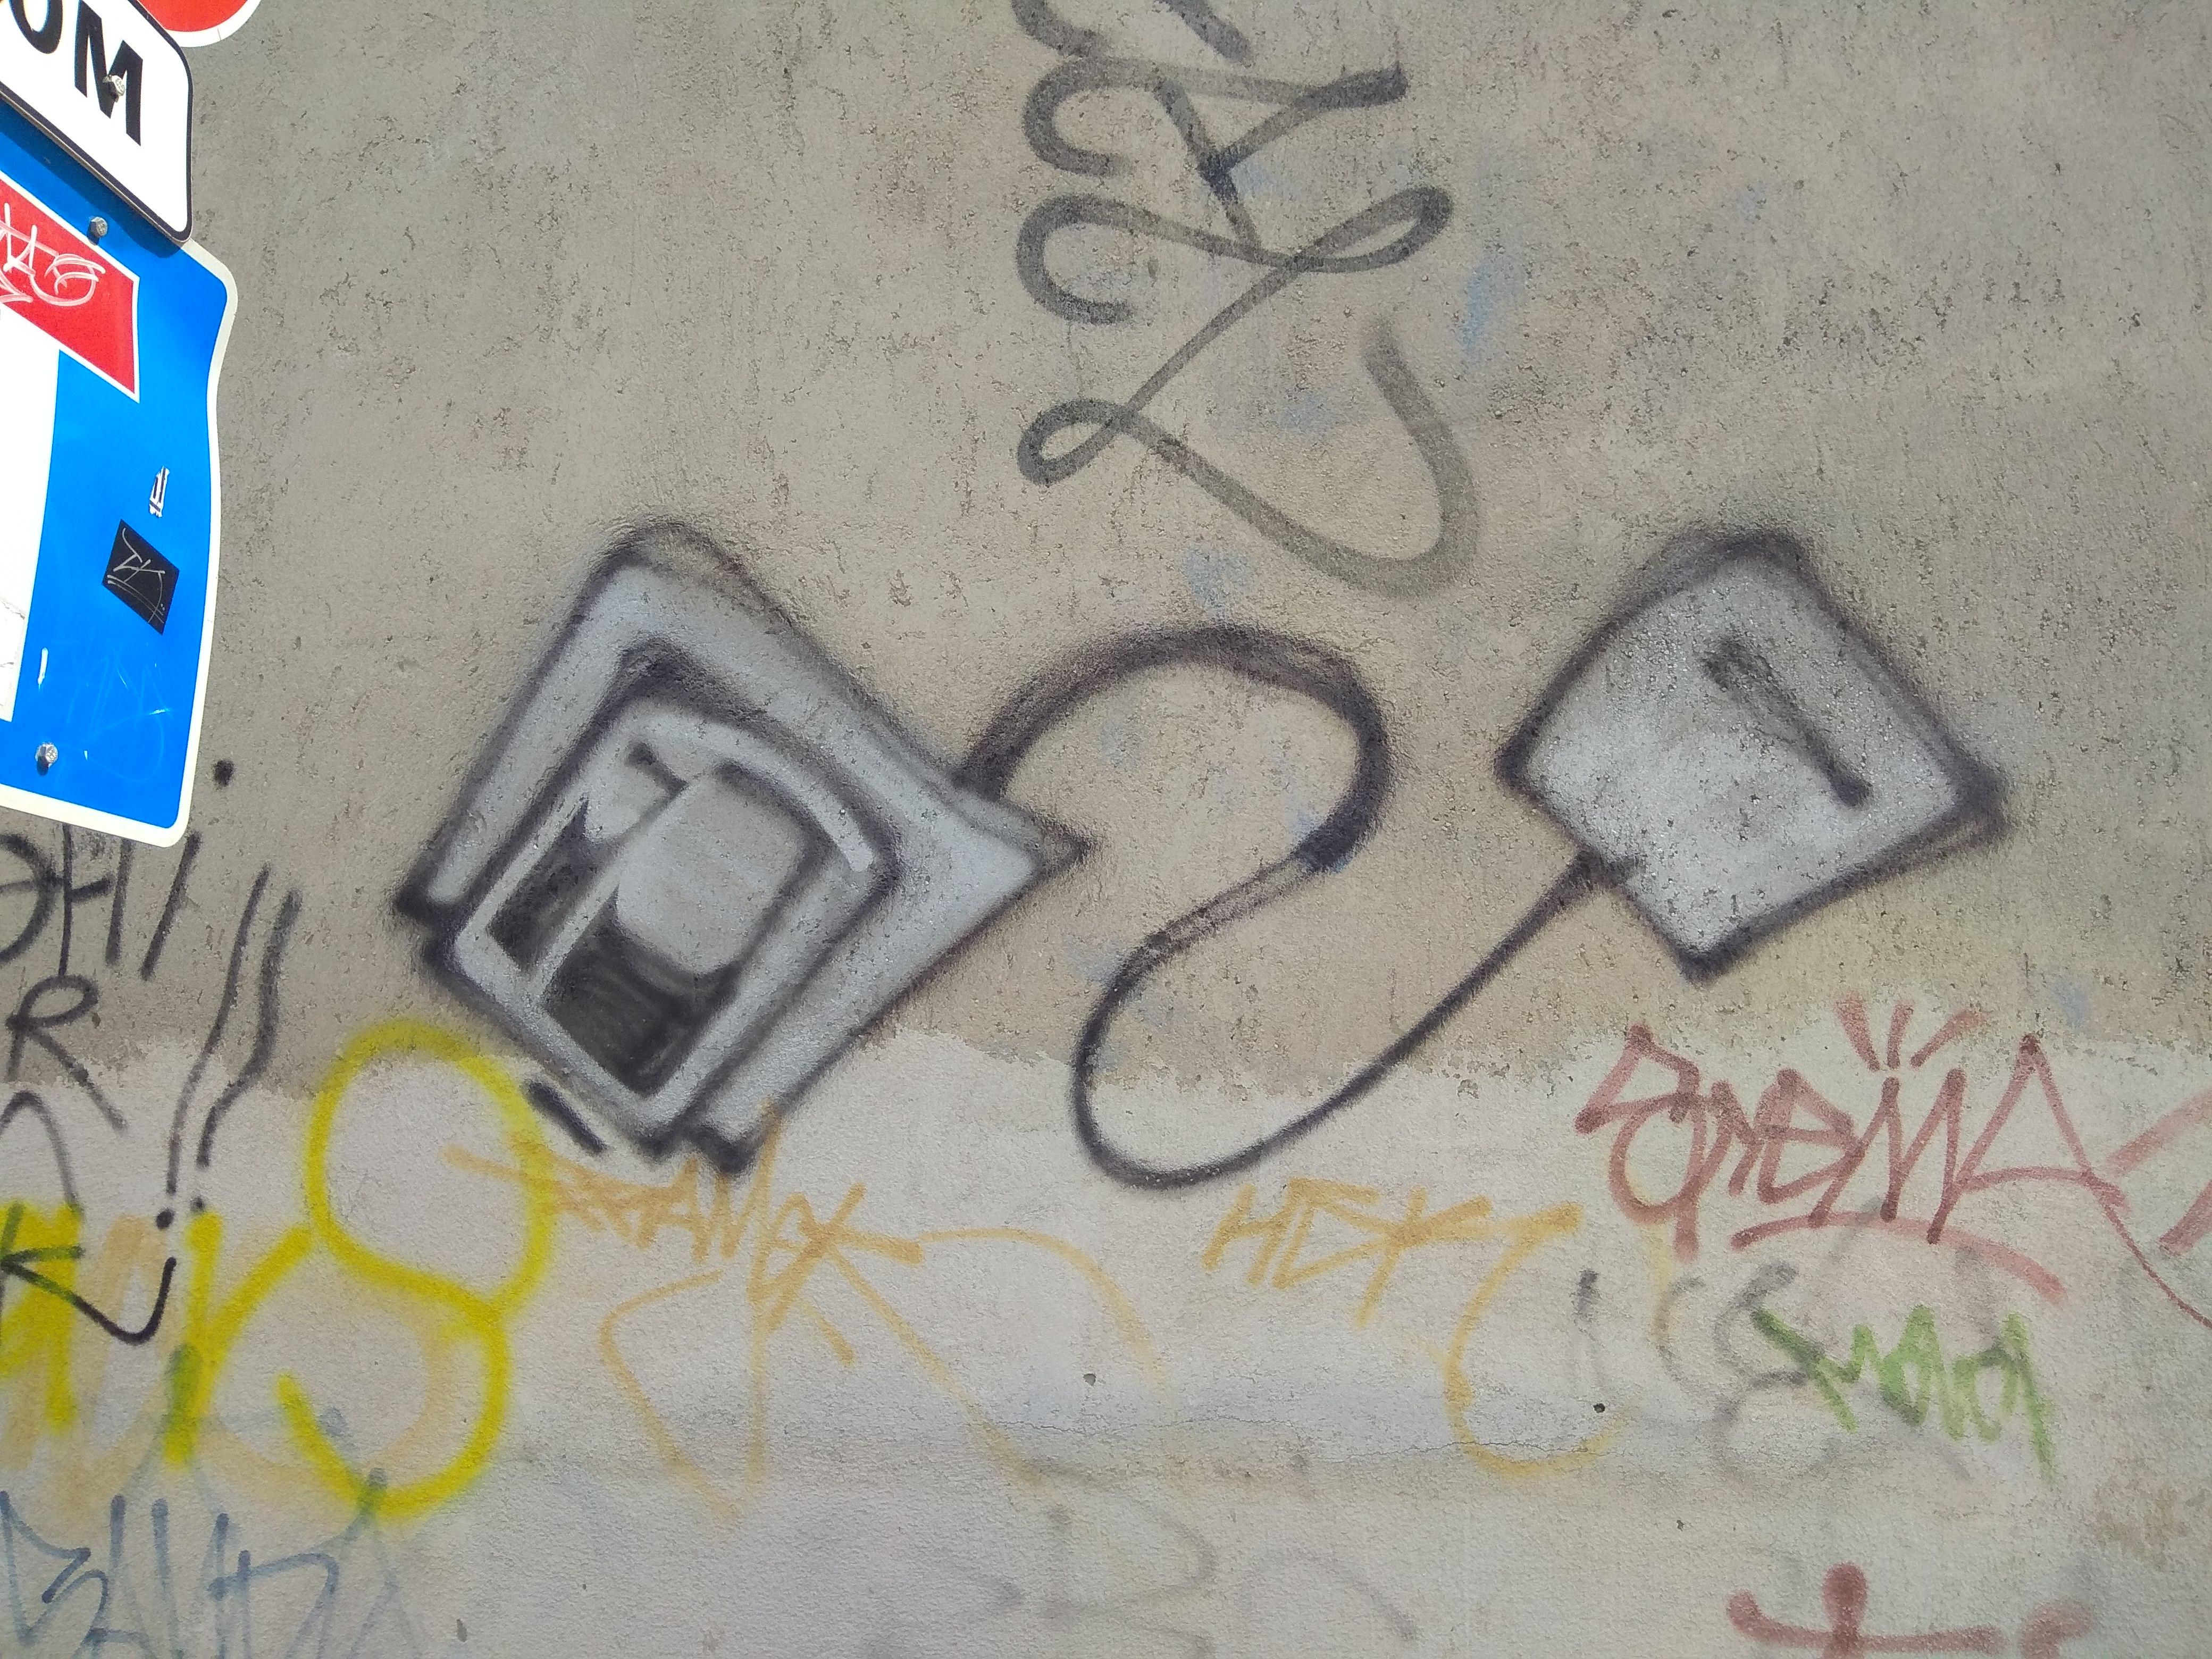 kegl_gyorgy_utca.jpg